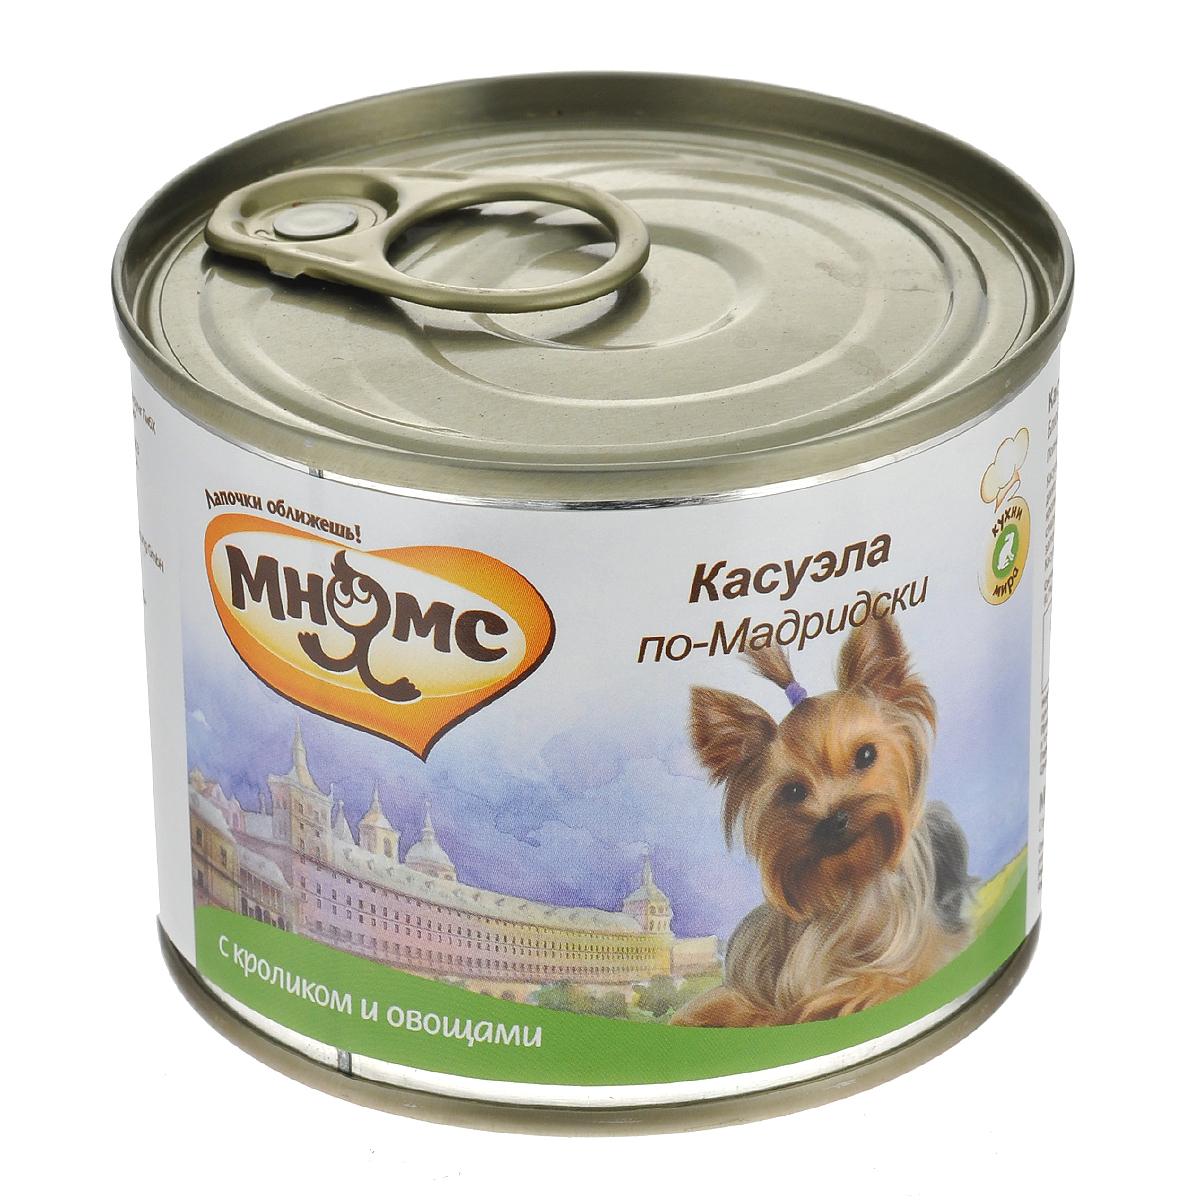 """Консервы для собак Мнямс """"Касуэла по-Мадридски"""", с кроликом и овощами, 200 г"""